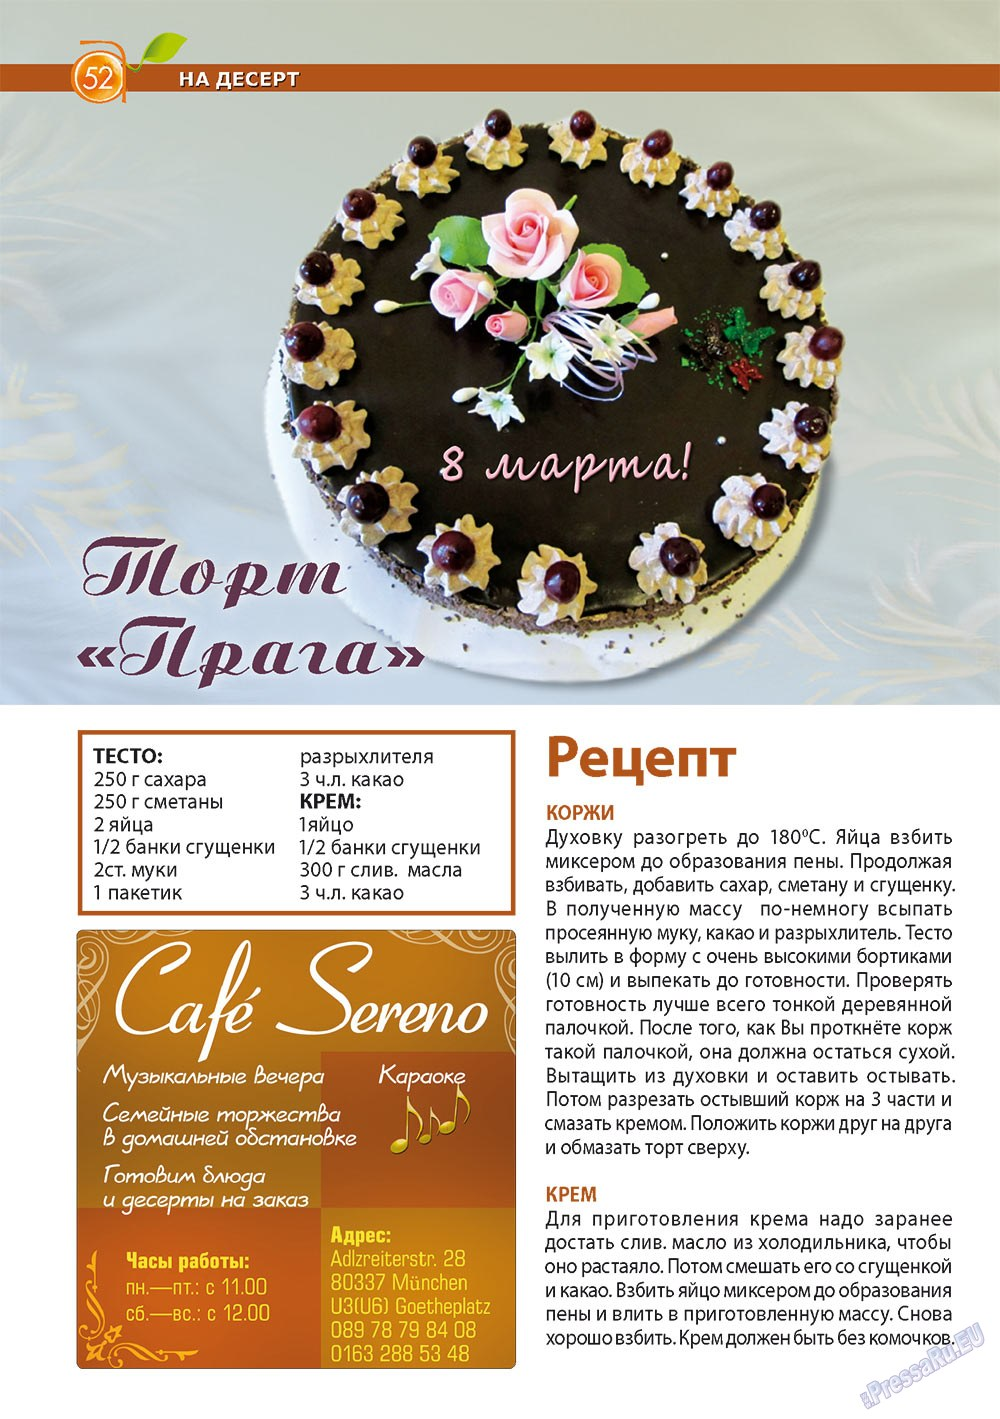 Апельсин (журнал). 2012 год, номер 32, стр. 52